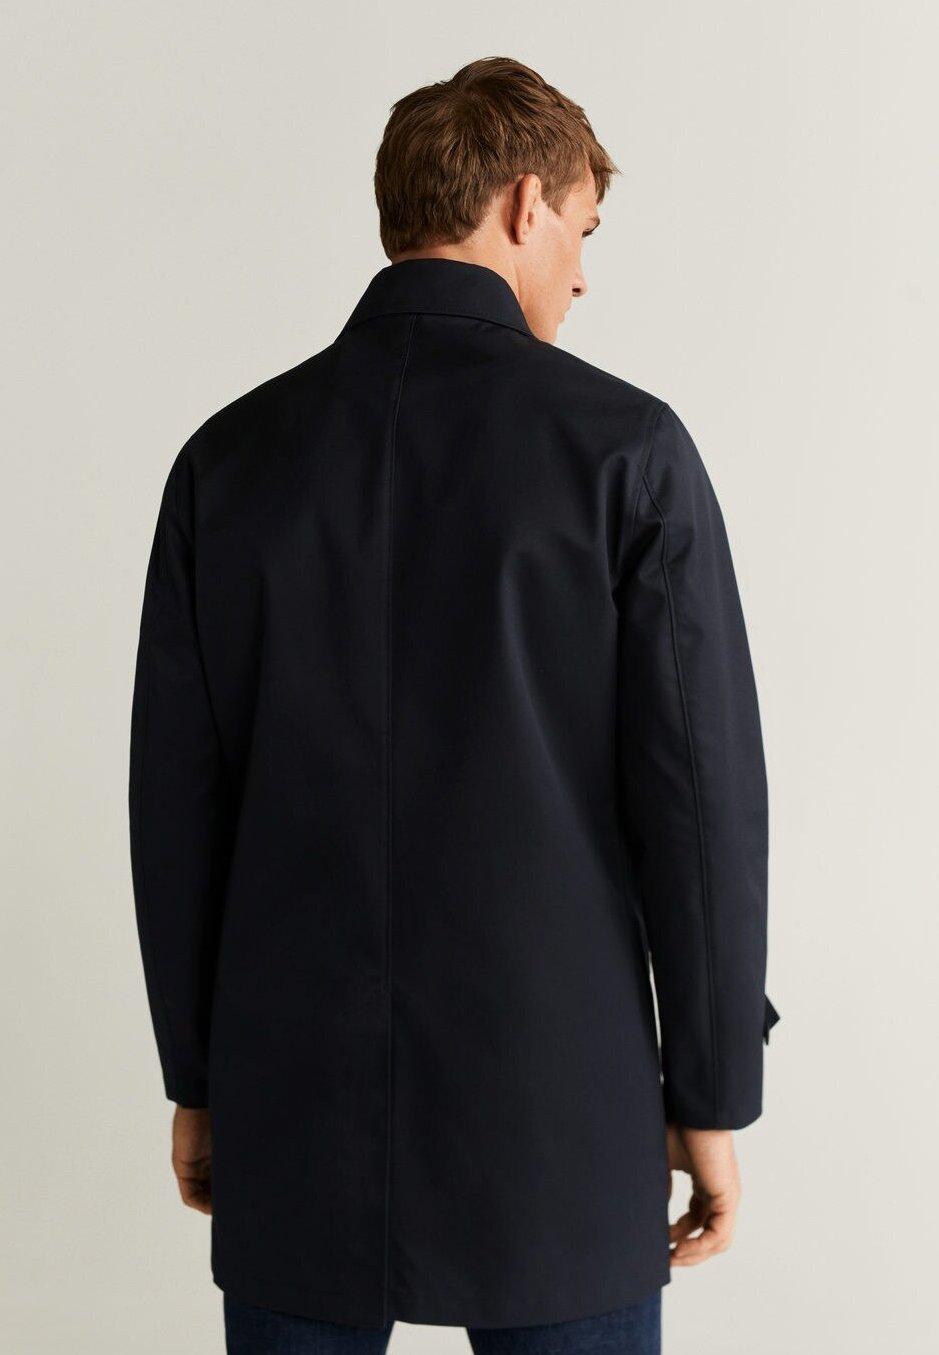 New Fashion Style Of Men's Clothing Mango ERASE Trenchcoat dunkles marineblau rlVdo4Ac1